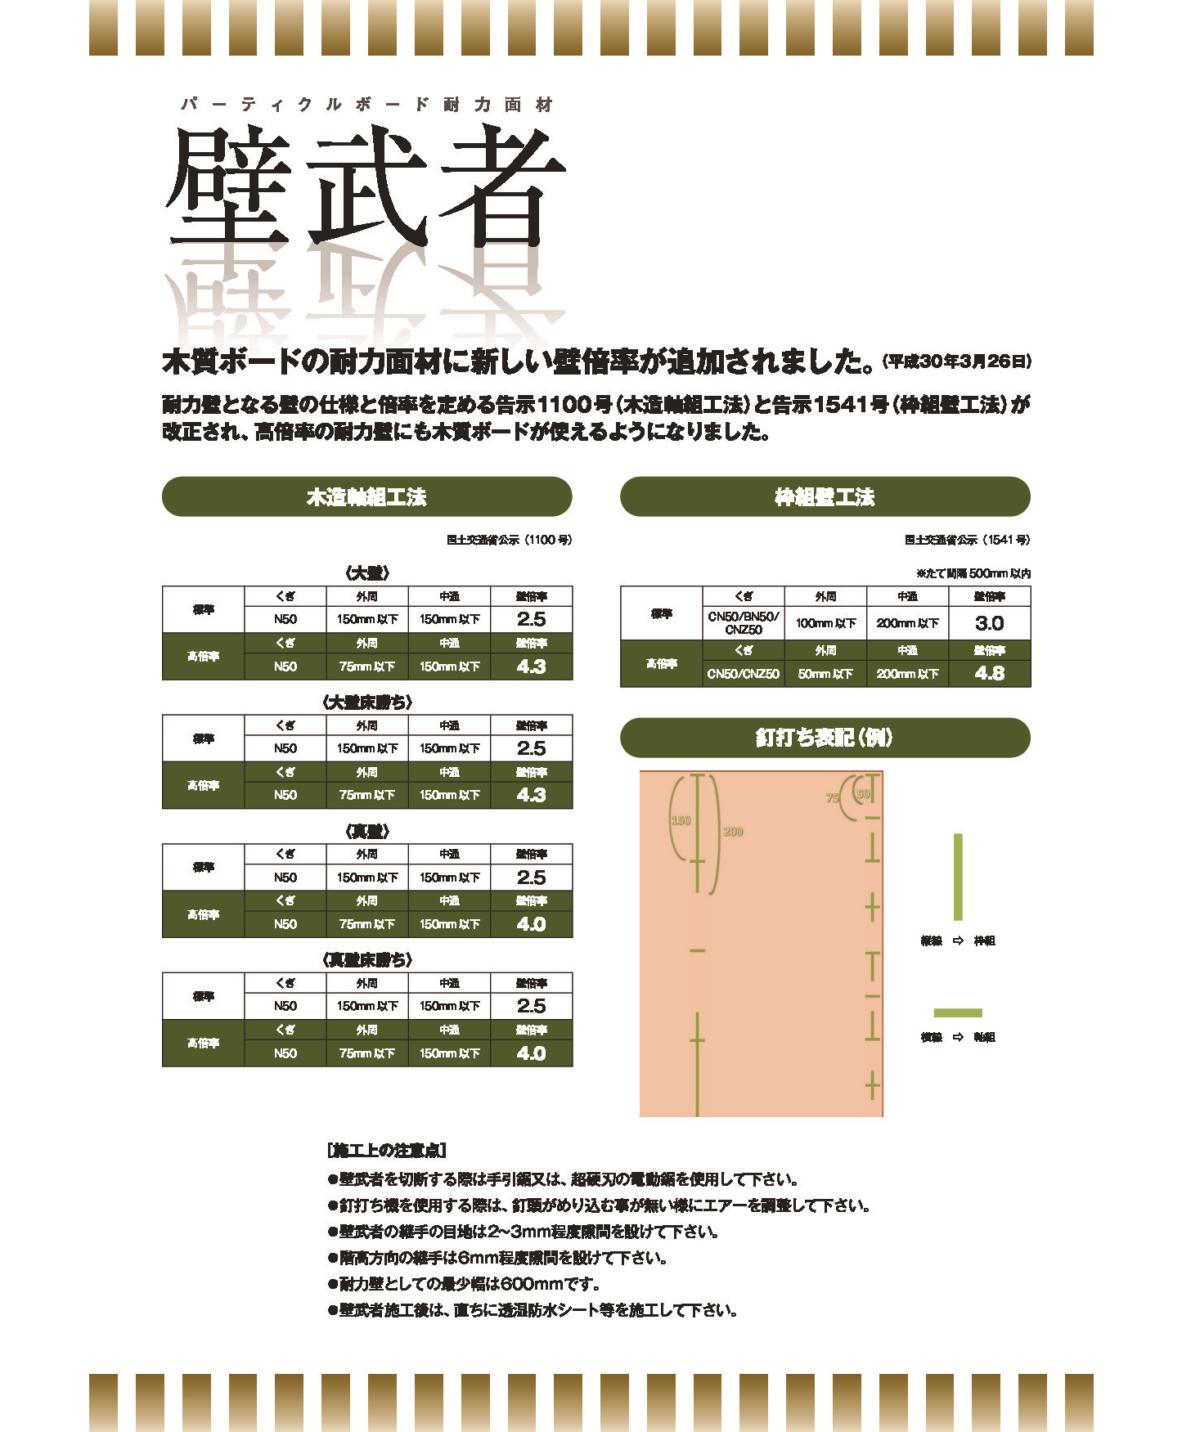 壁武者カタログ